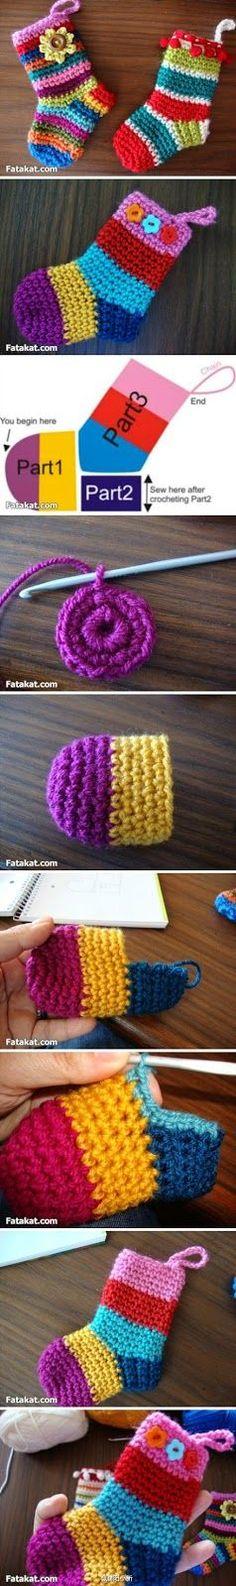 diy crochet booties for beginners Crochet Socks, Diy Crochet, Crochet Crafts, Yarn Crafts, Crochet Stitches, Knitting Socks, Baby Knitting, Start Knitting, Tutorial Crochet